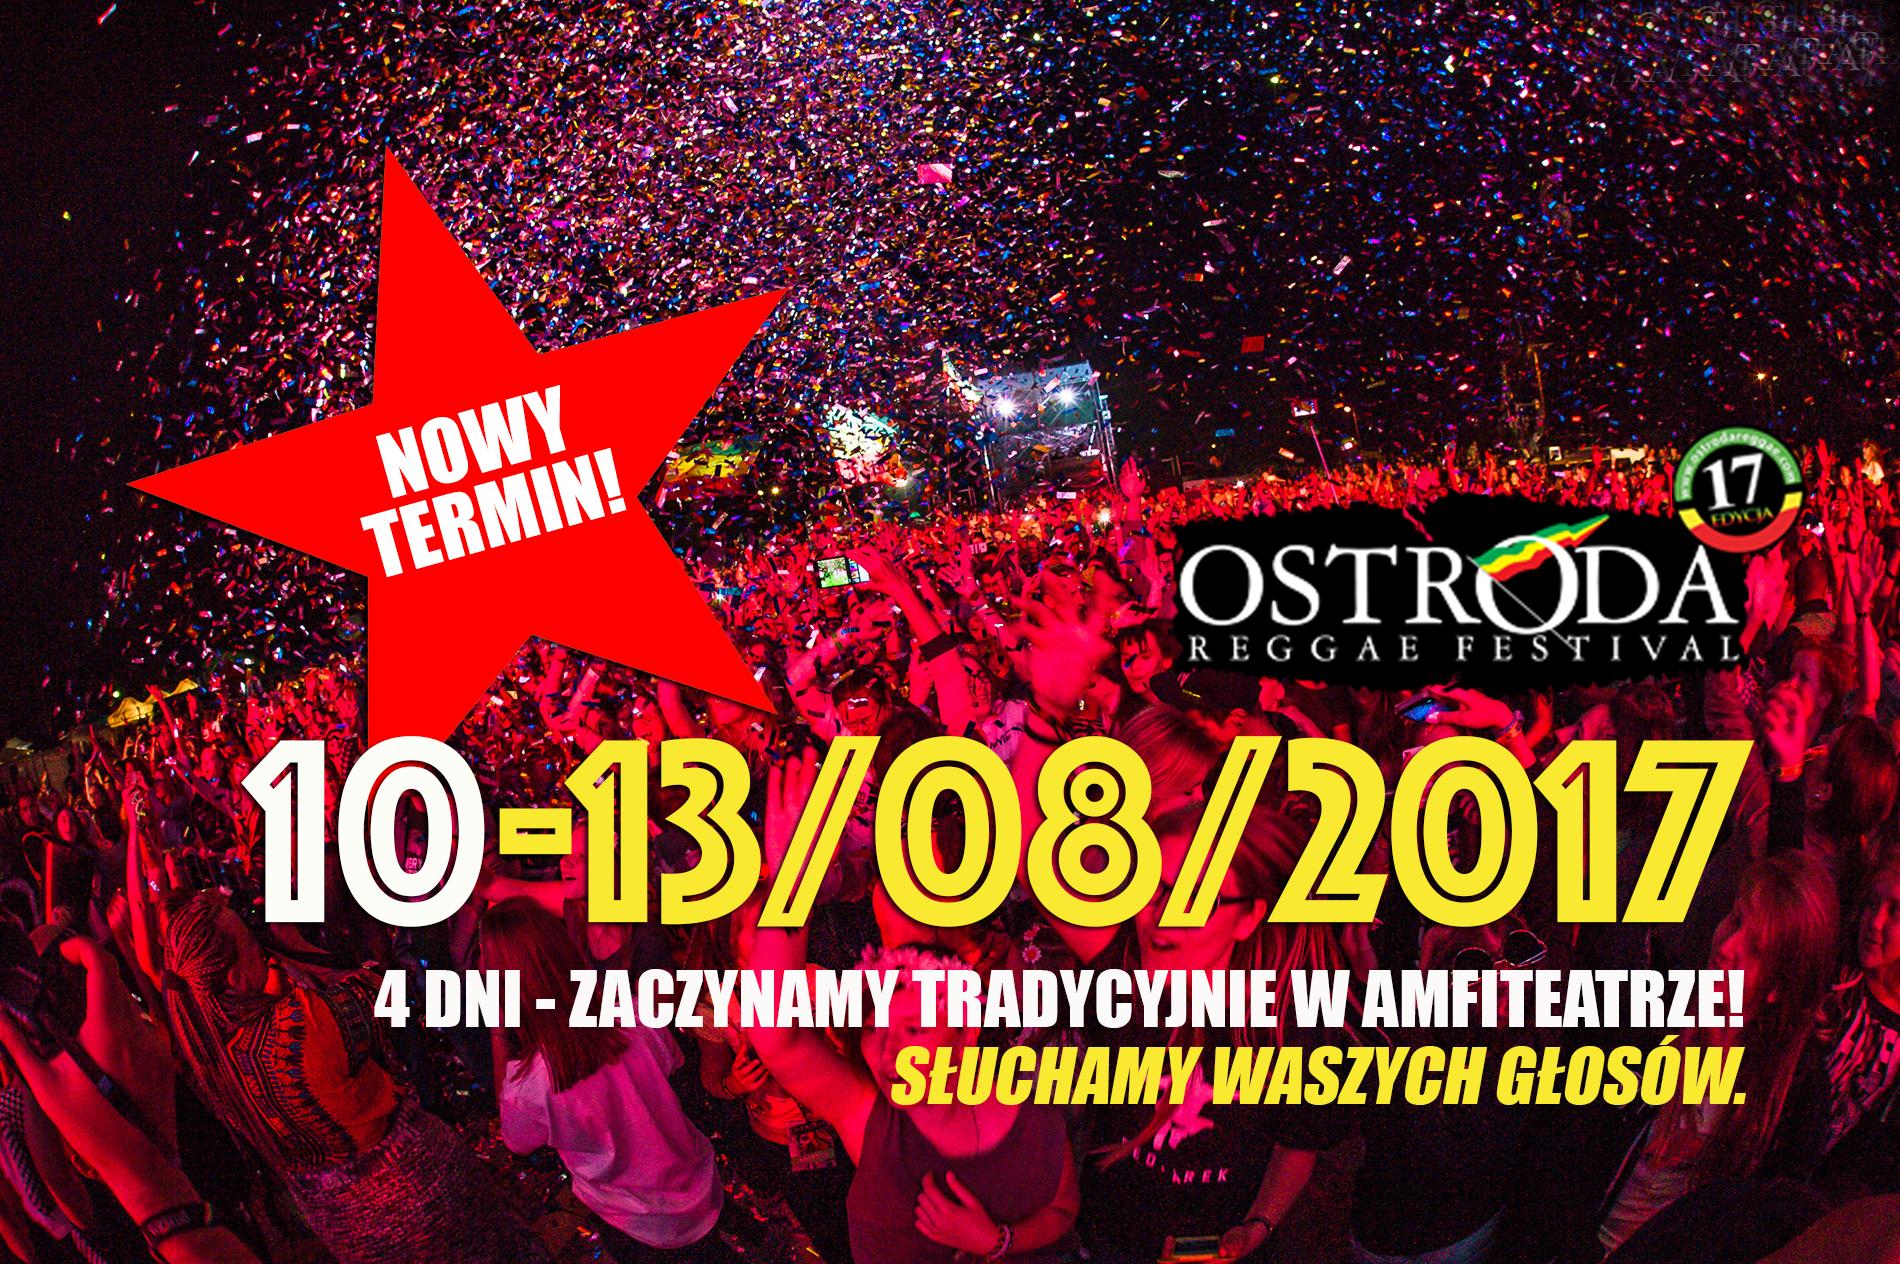 Nowy termin ORF - wracamy do 4 dni!